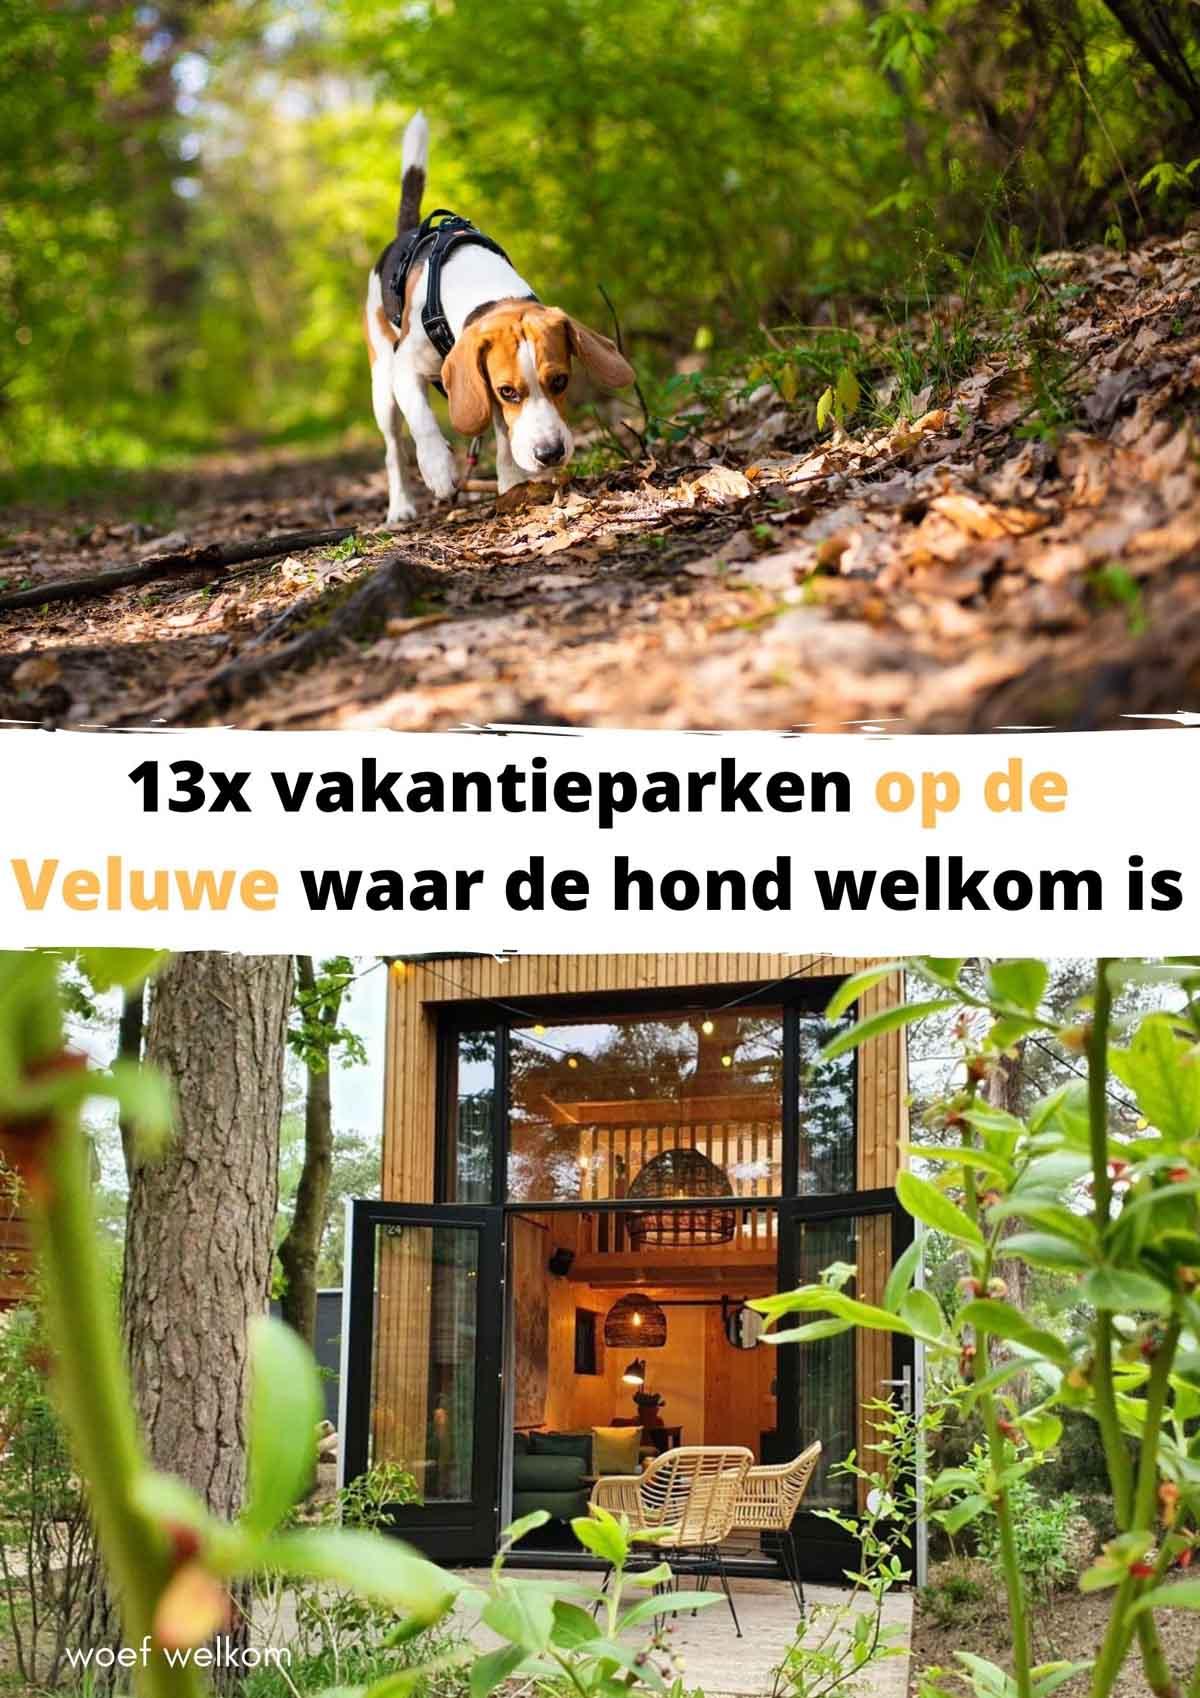 vakantieparken op de Veluwe waar de hond welkom is